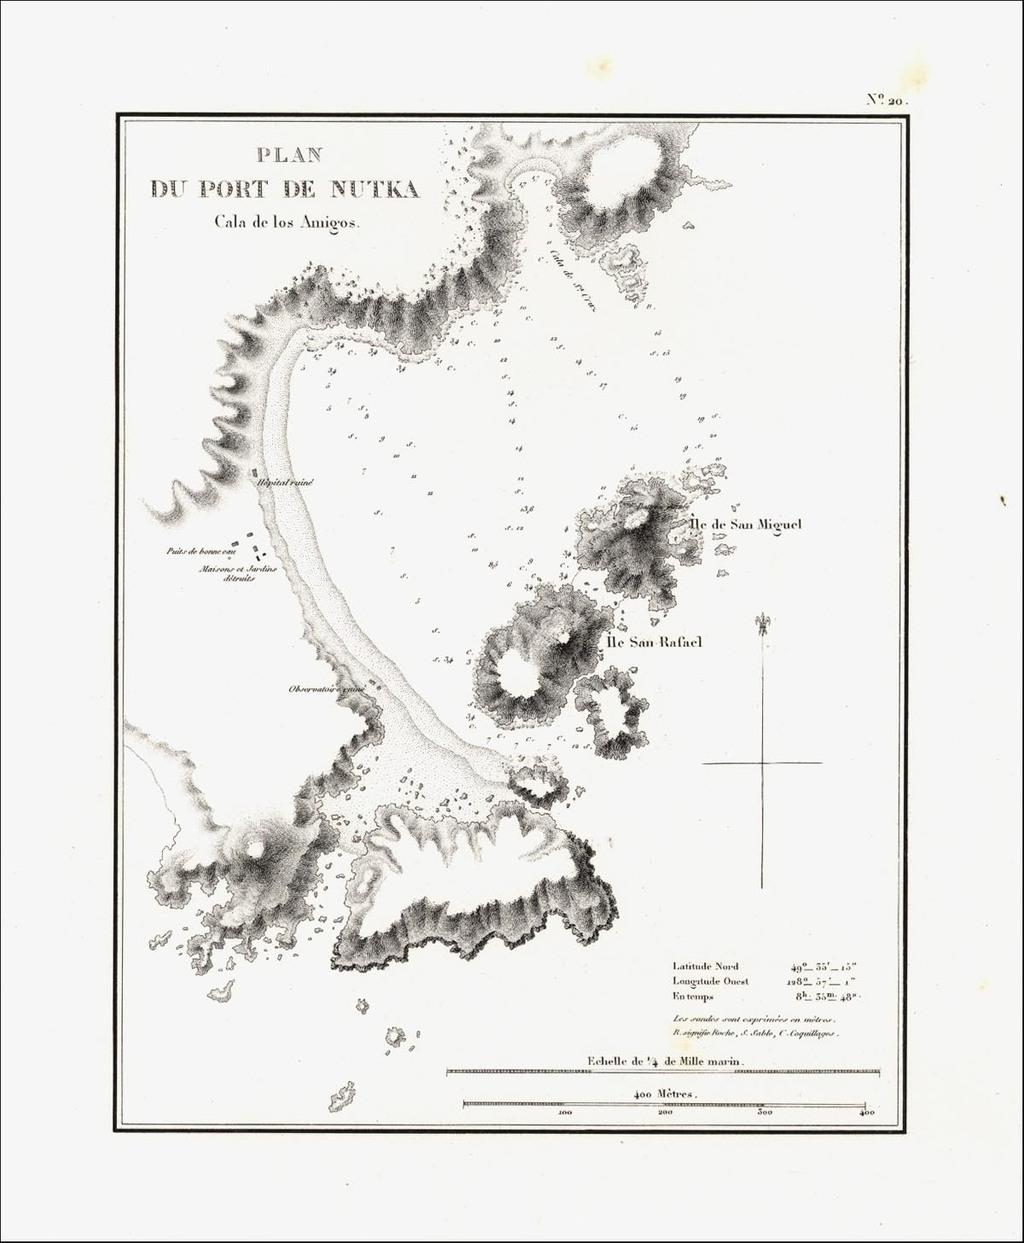 Plan Du Port De Nutka Cala de Los Amigos By Eugene Duflot De Mofras